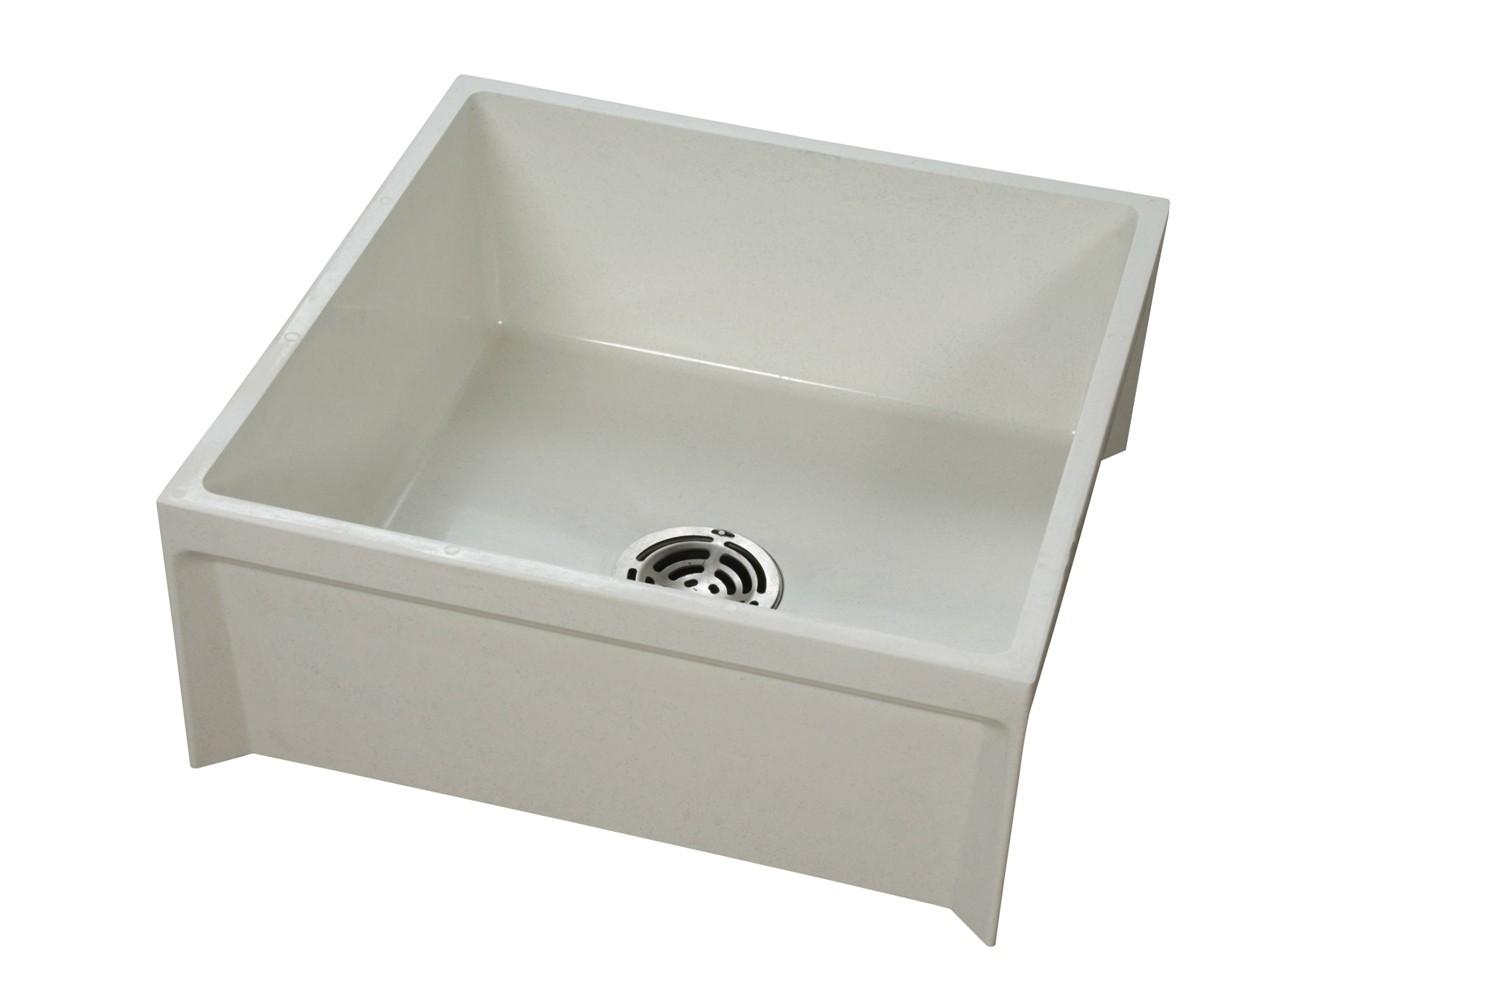 Fiat Mop Sink : Fiat MSB2424100 Mop Service Basin 24X24X10 White TheBuildersSupply ...